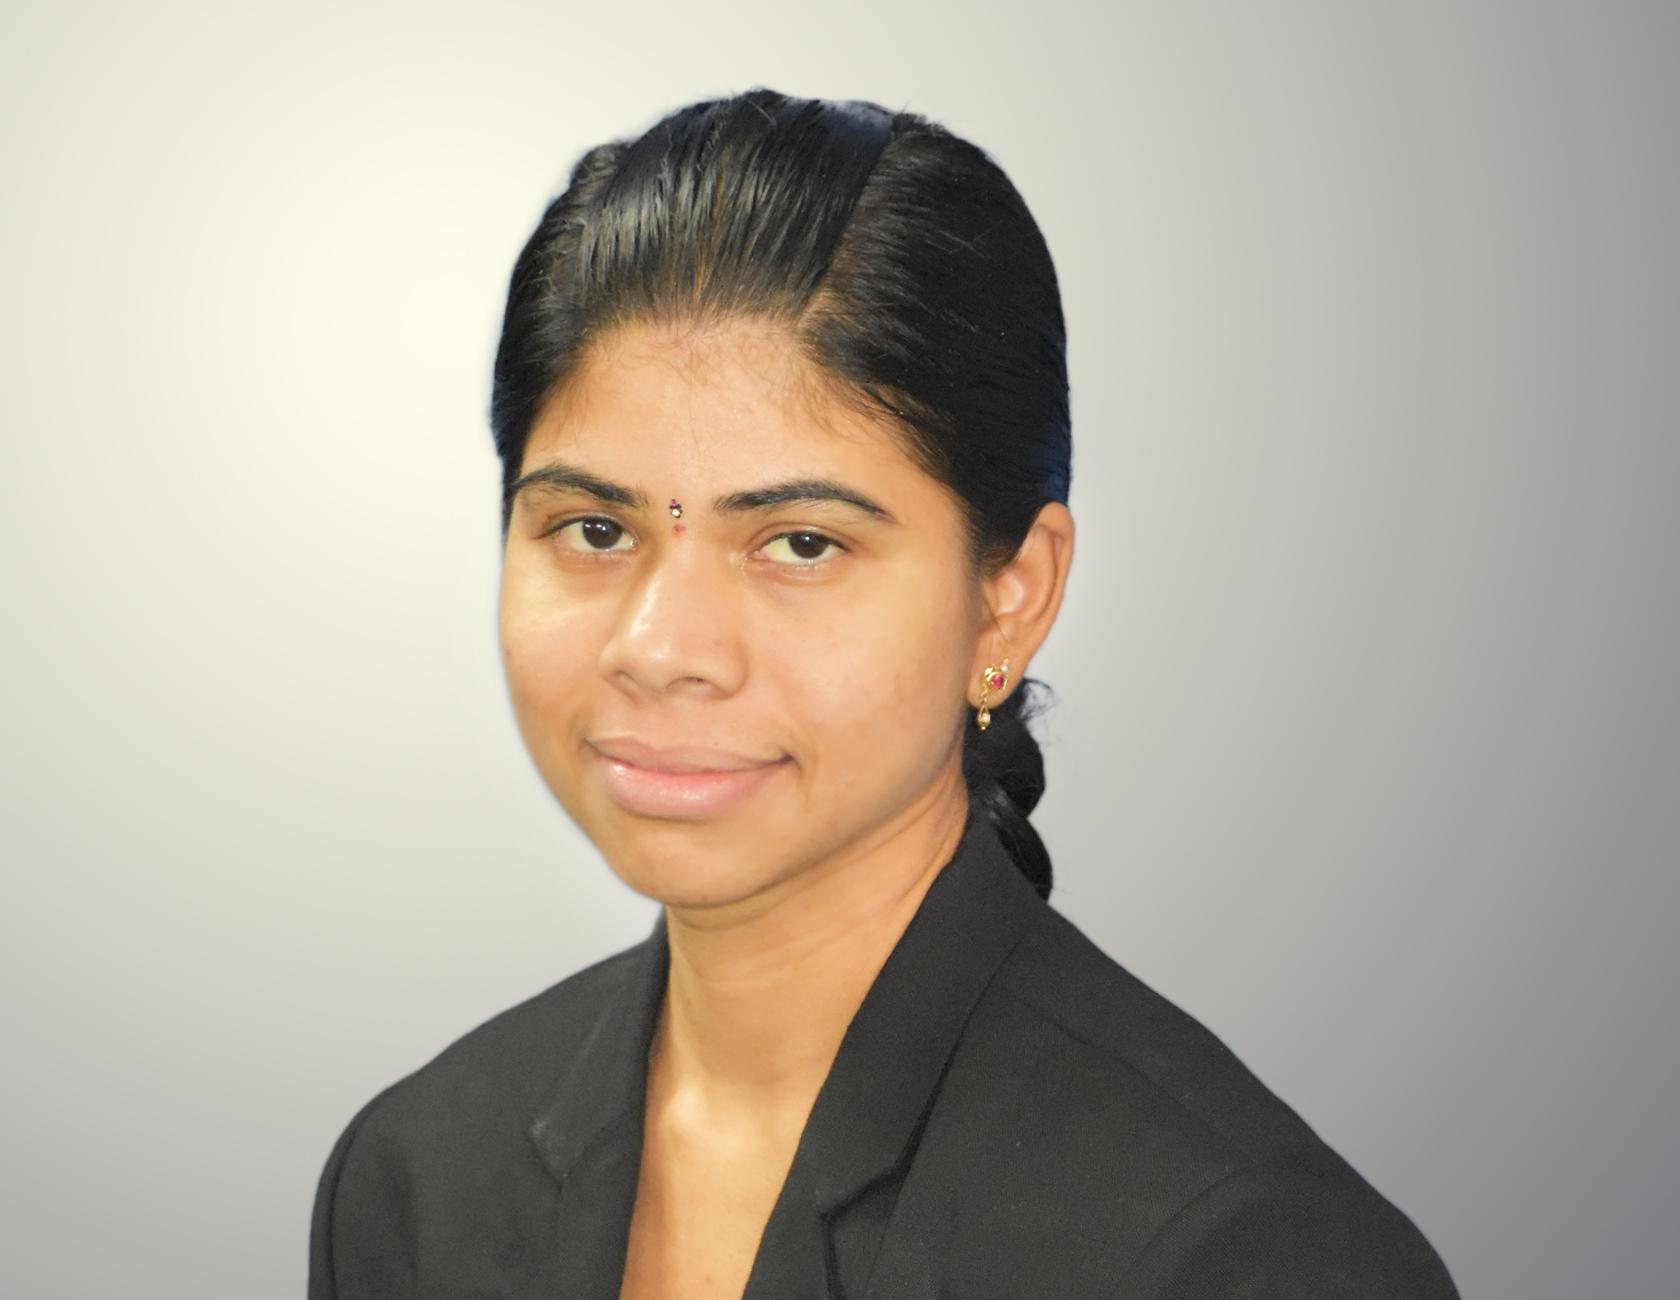 Sushmitha Thota